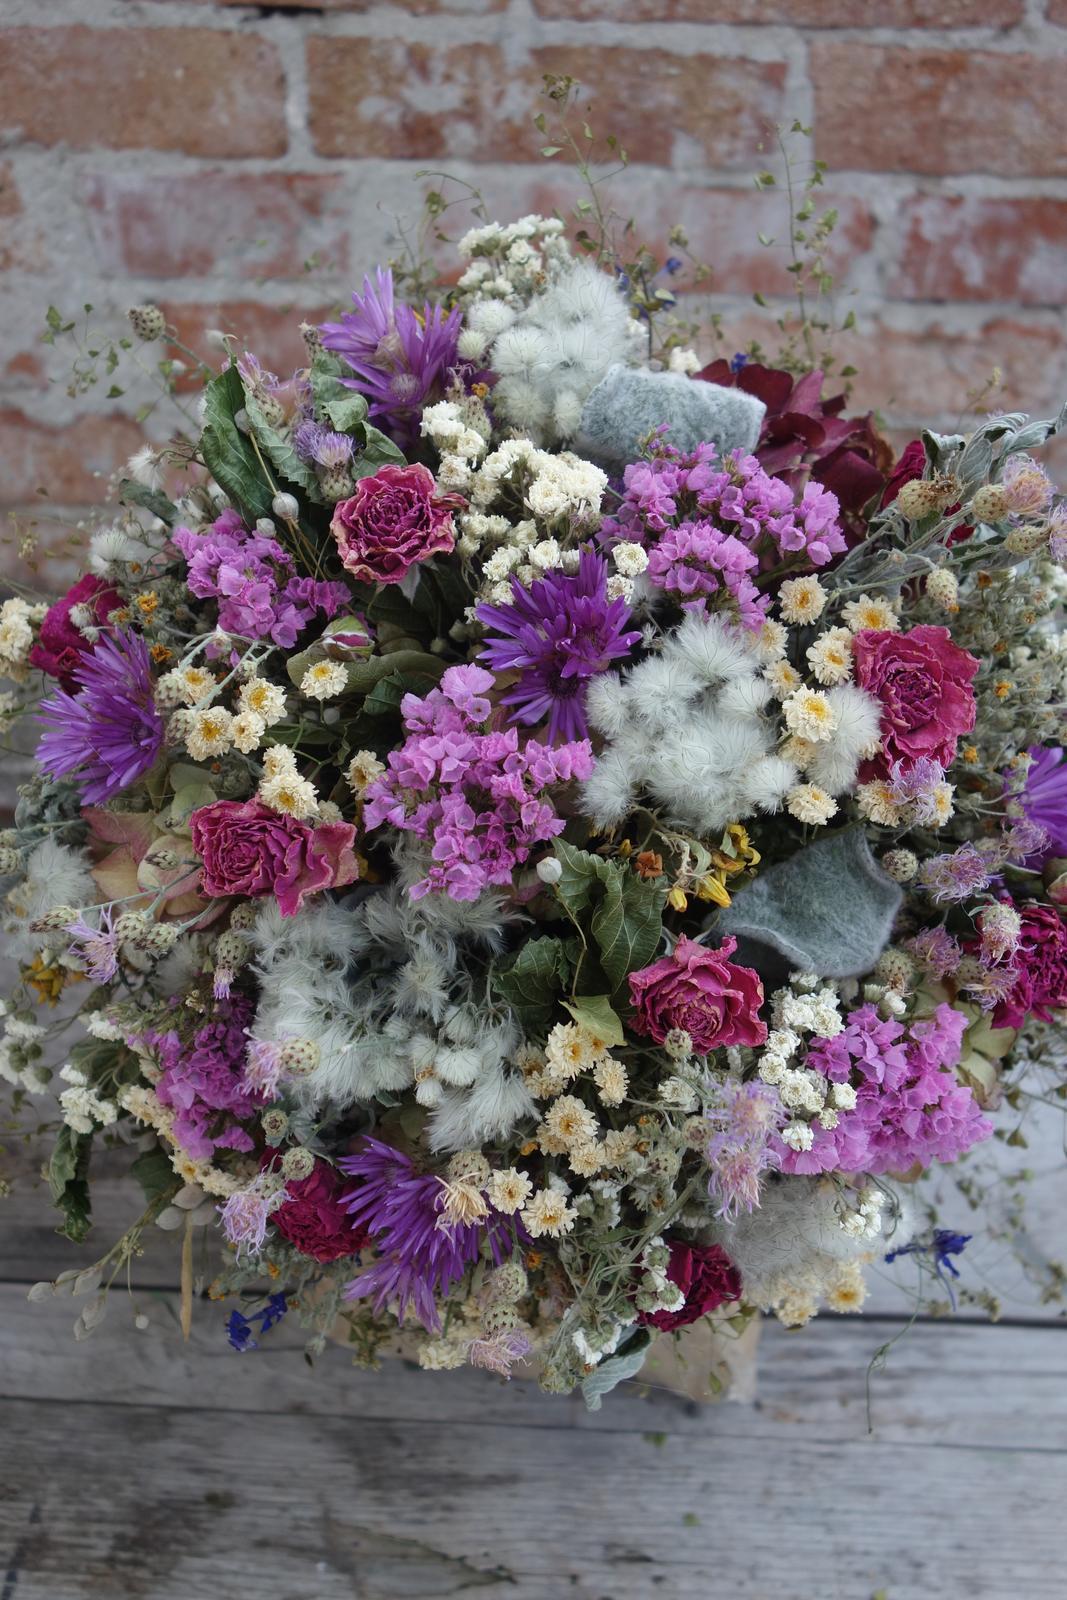 Moje svadobné kytice zo sušených kvetov rok 2019 - Obrázok č. 5